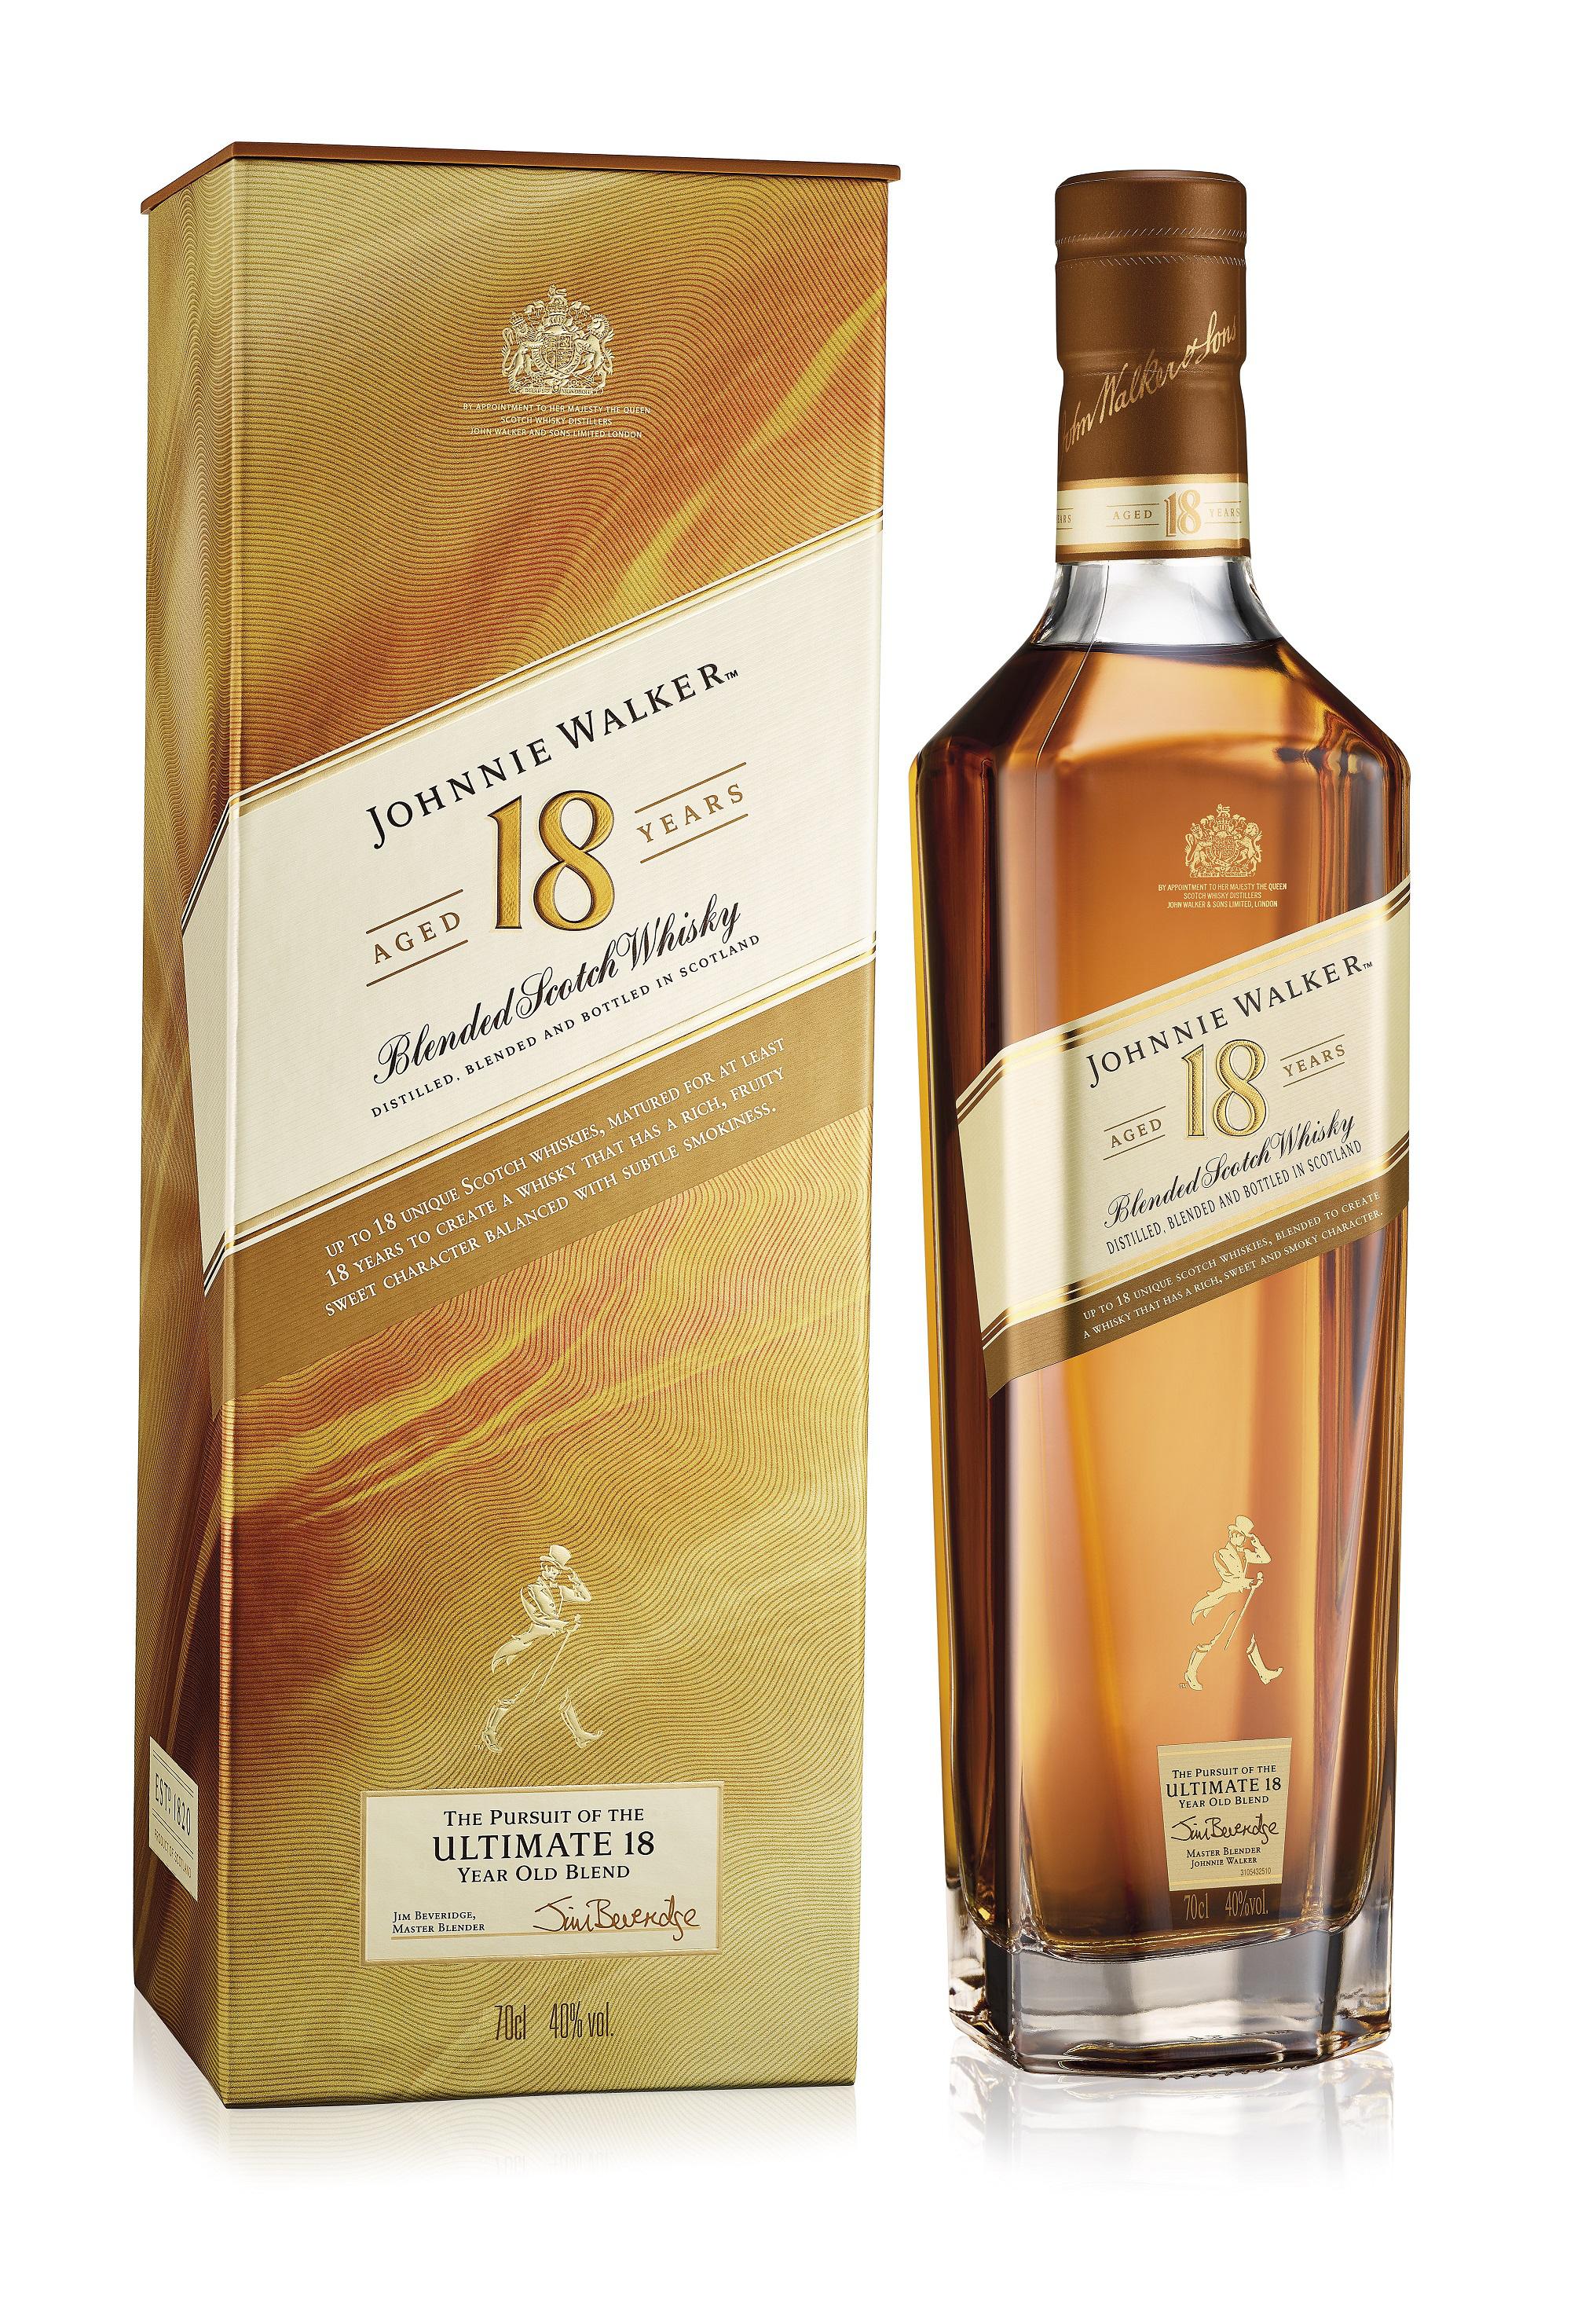 Johnnie Walker 18 Jahre Whisky